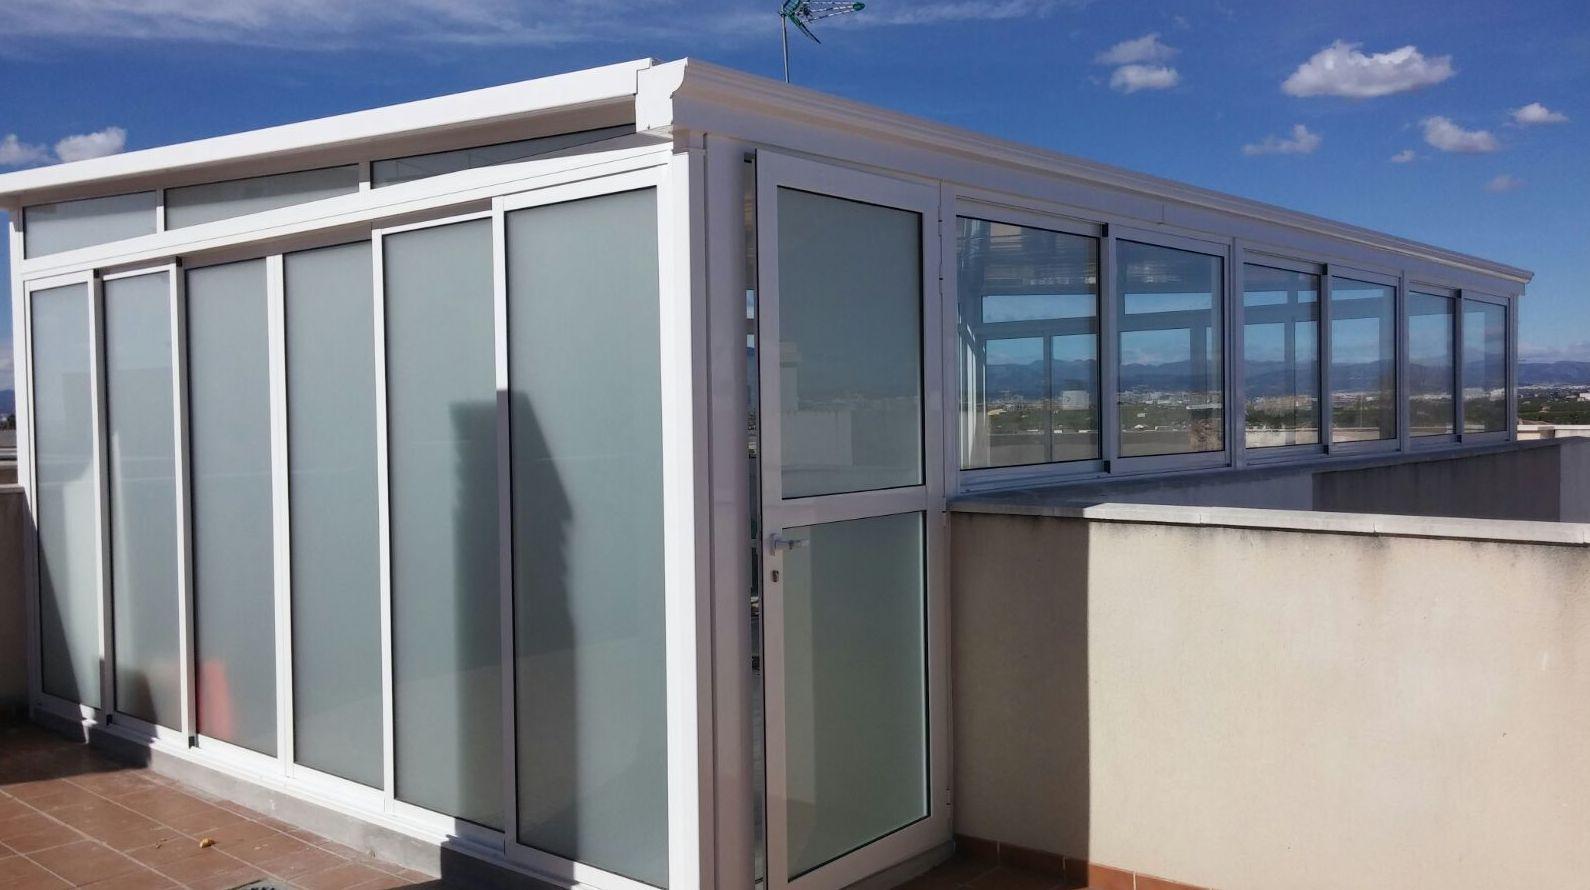 Foto 149 de Carpintería de aluminio, metálica y PVC en  | Exposición, Carpintería de aluminio- toldos-cerrajeria - reformas del hogar.